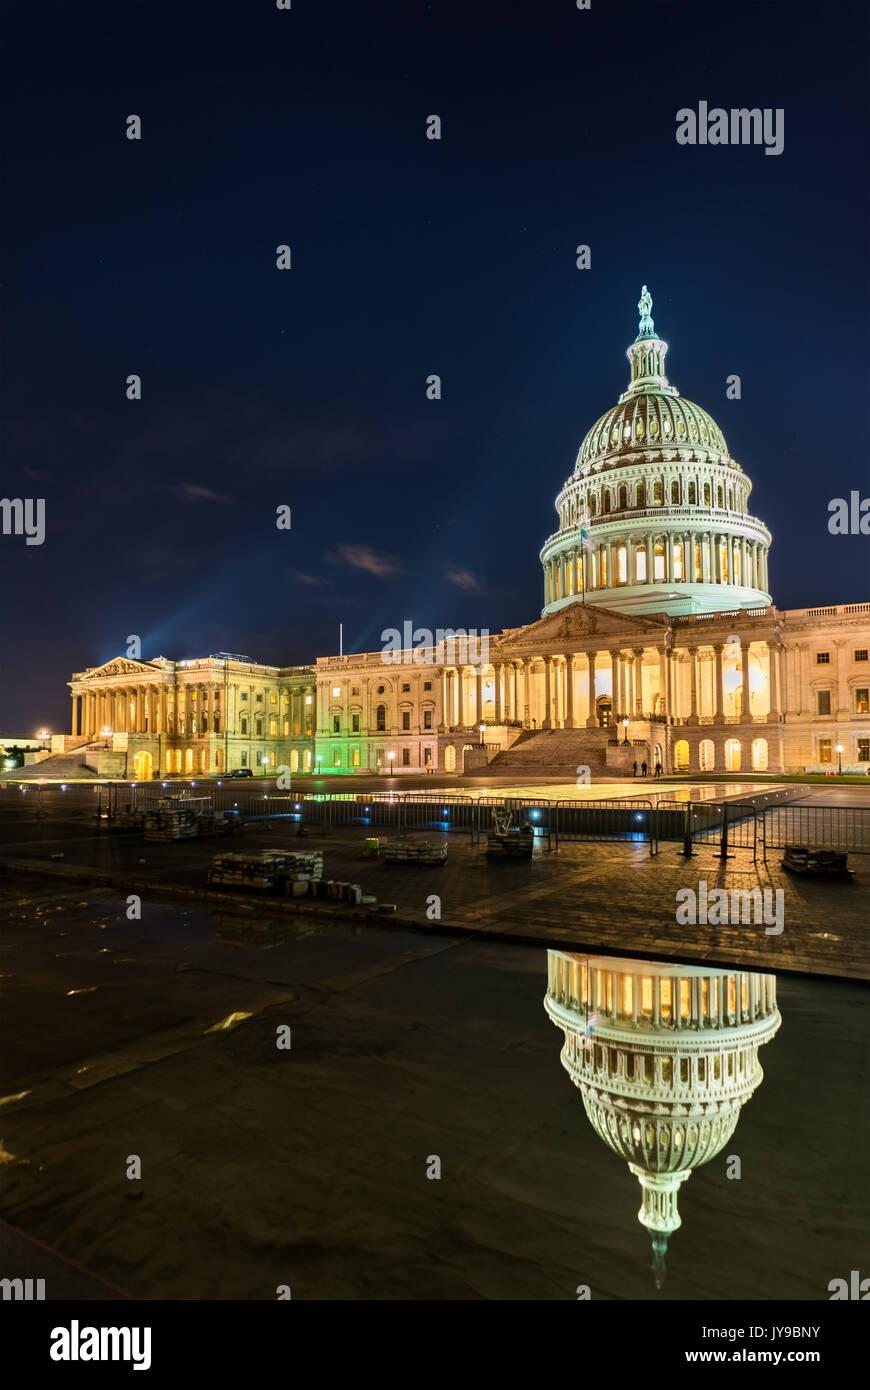 El edificio del Capitolio de los Estados Unidos en la noche en Washington, D.C. Imagen De Stock